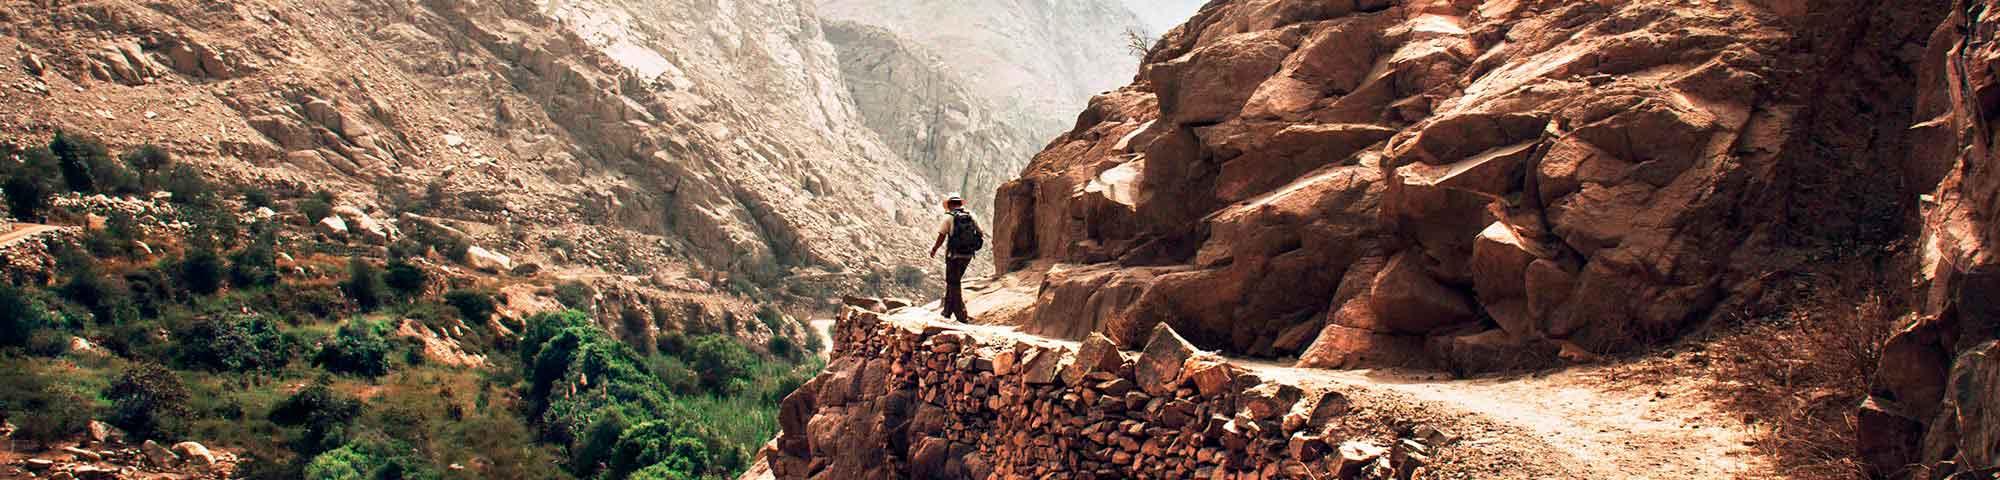 Camino Inca reabre sus puertas tras año y medio sin recibir visitantes